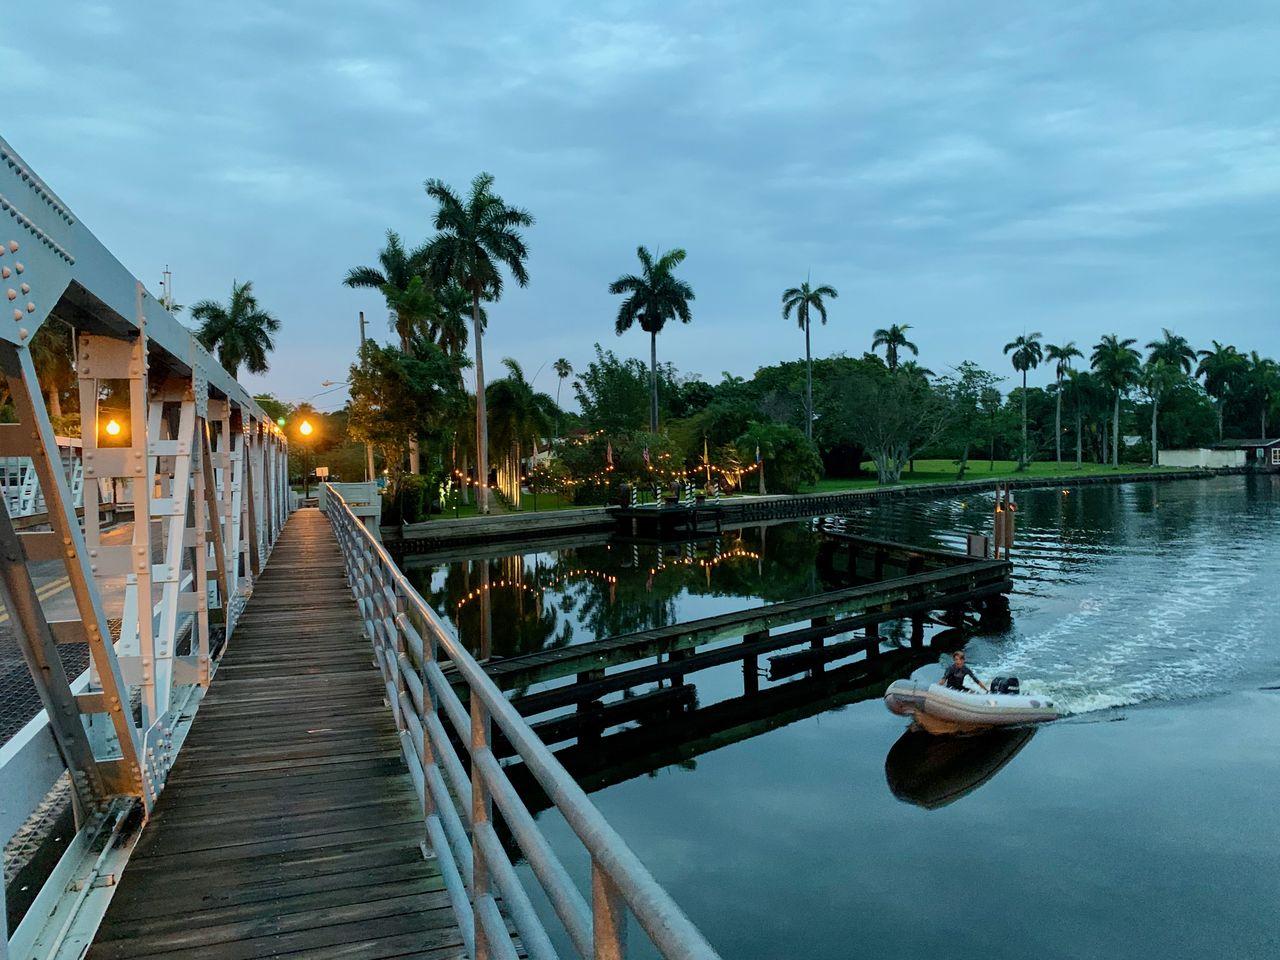 Quartier de Sailboat Bend à Fort Lauderdale en Floride